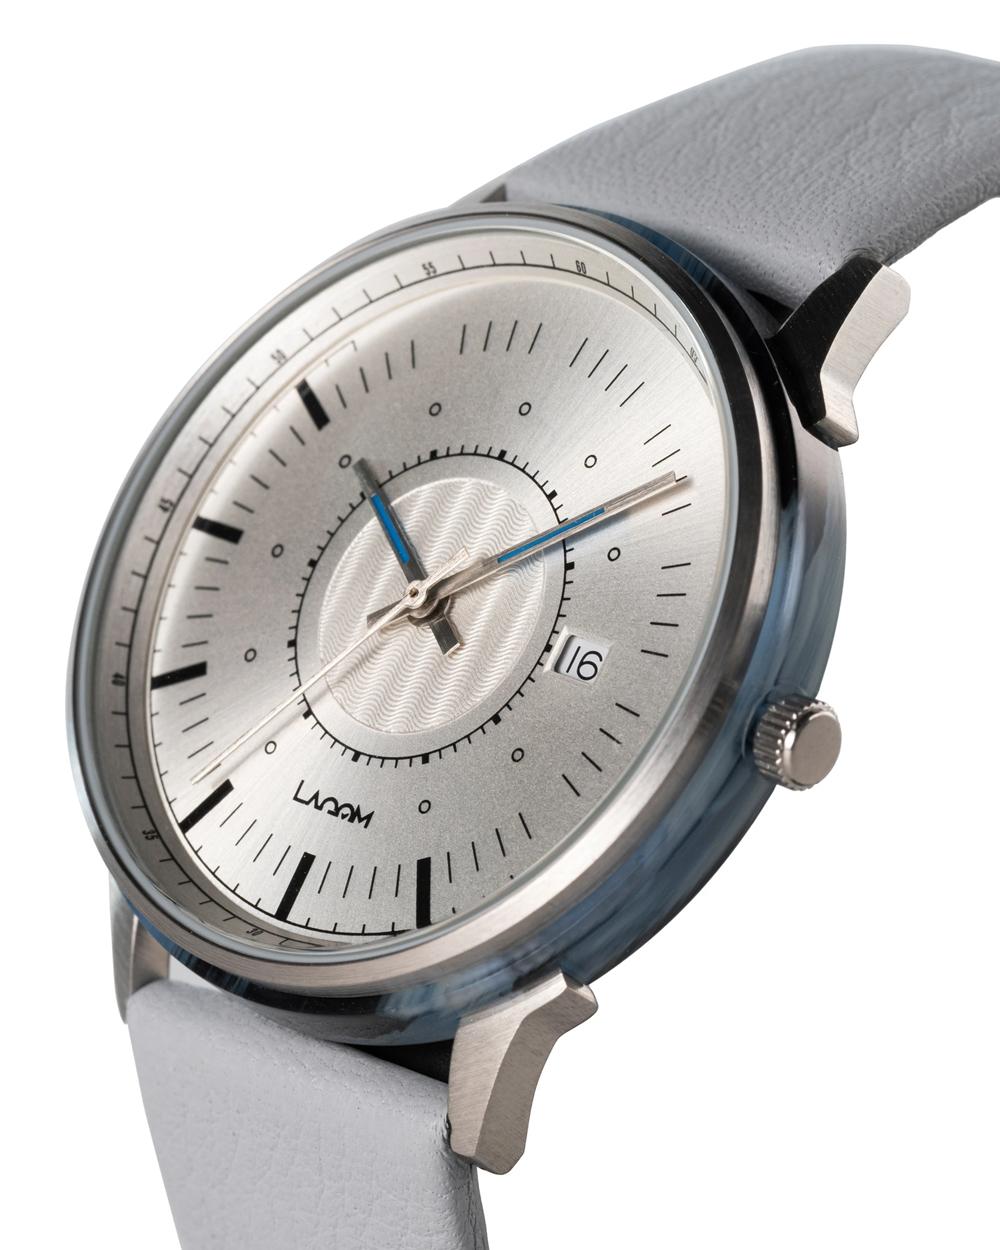 LAGOM Watches(ラーゴムウォッチ) SJO シルバー.シルバー.グレー LW038